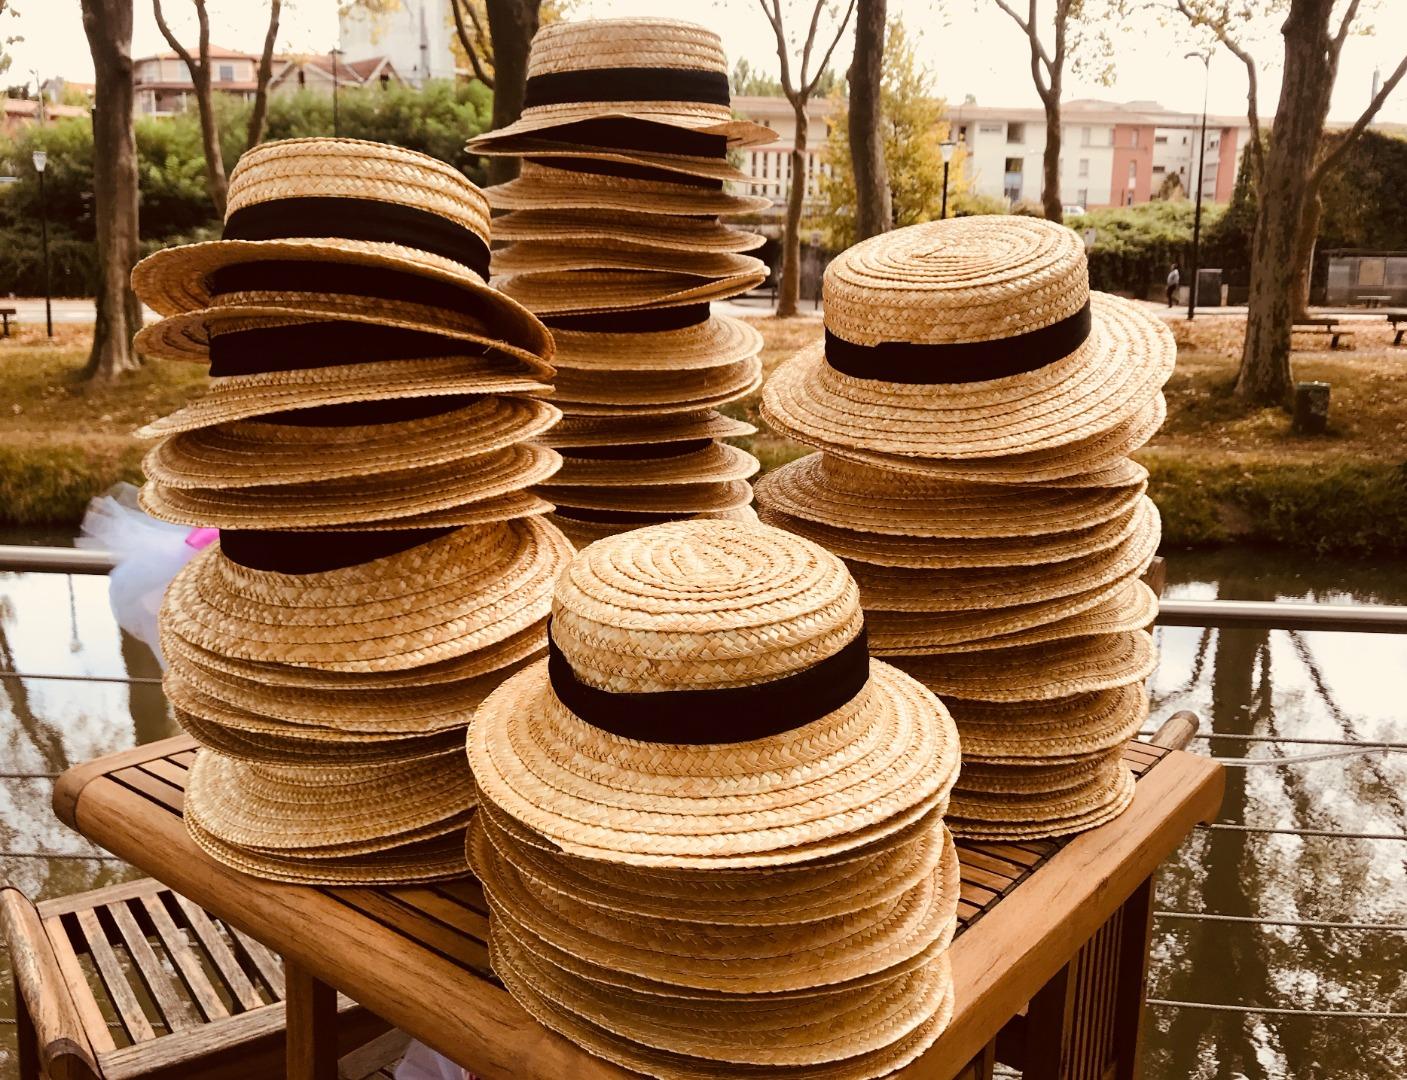 Cadeau invités pots de confiture La Dolce Vita organisatrice mariages Toulouse.jpeg